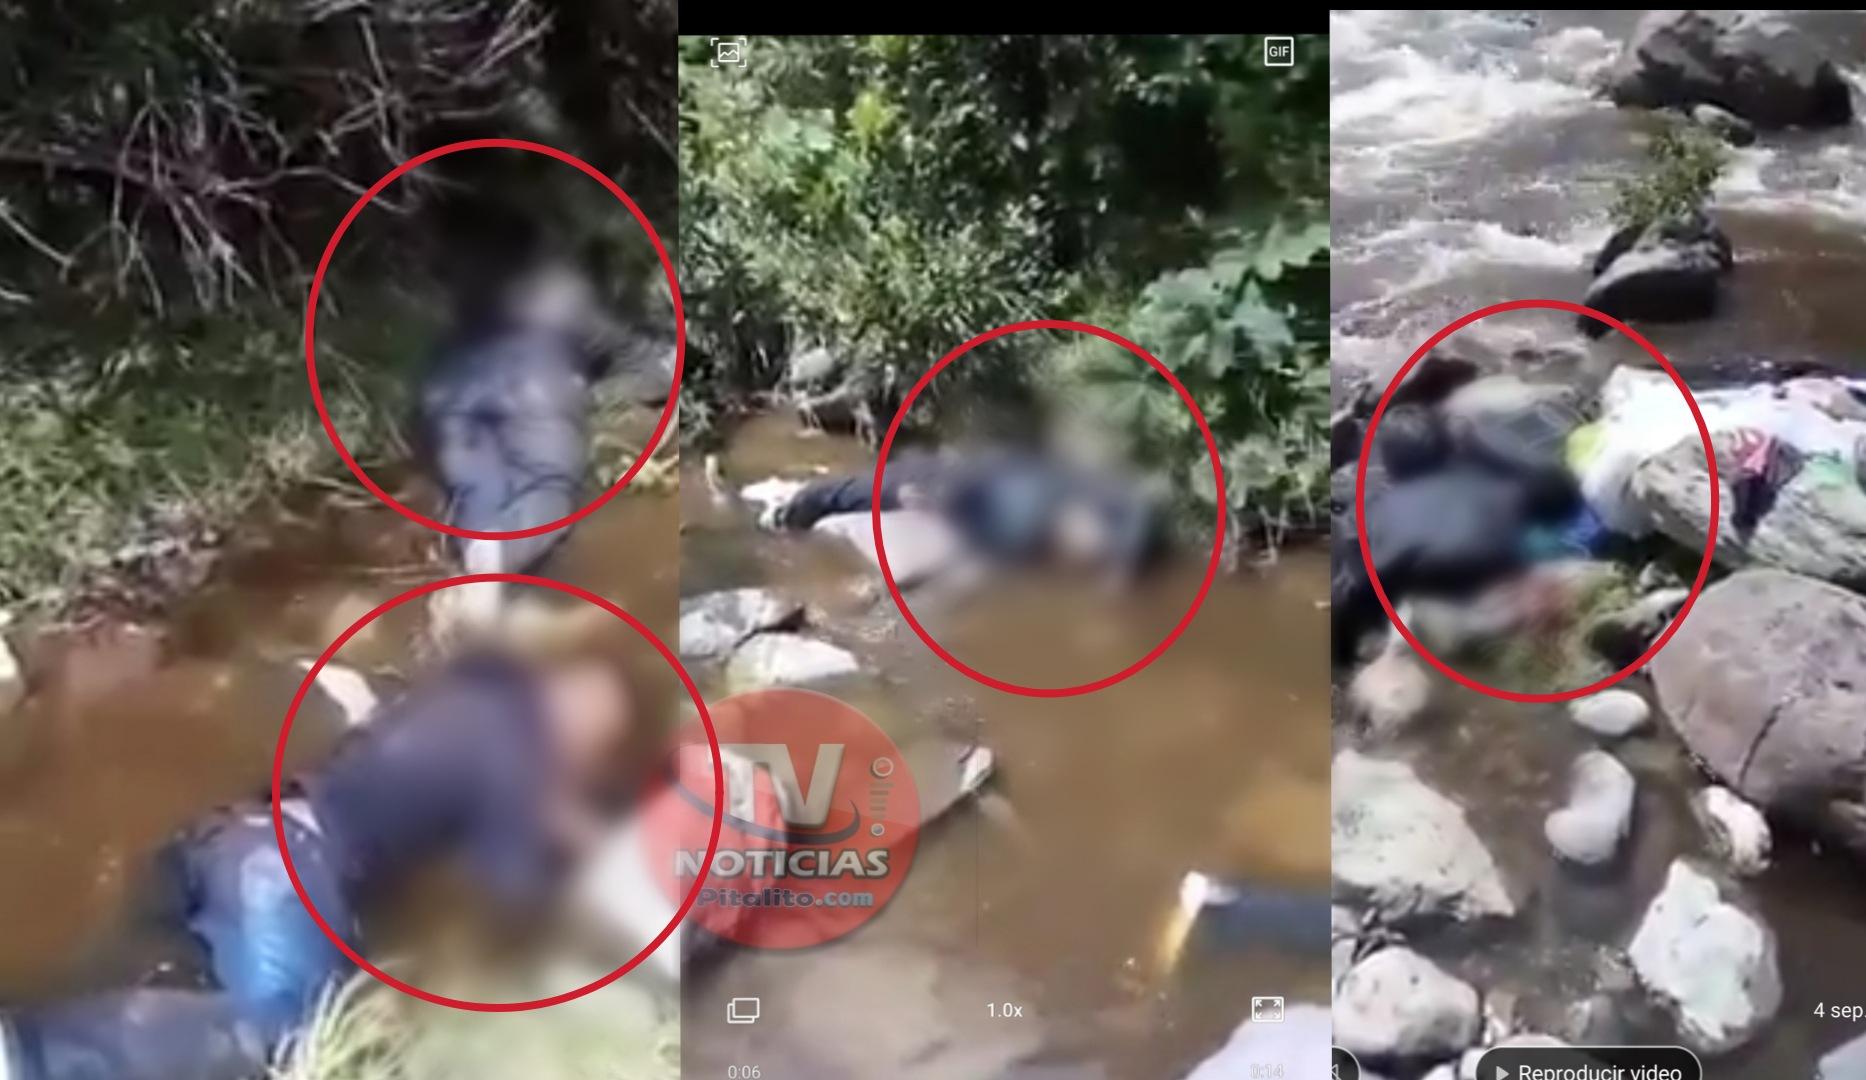 Vídeo: Nueva masacre en Nariño, 4 personas fueron asesinadas - TV Noticias  Pitalito